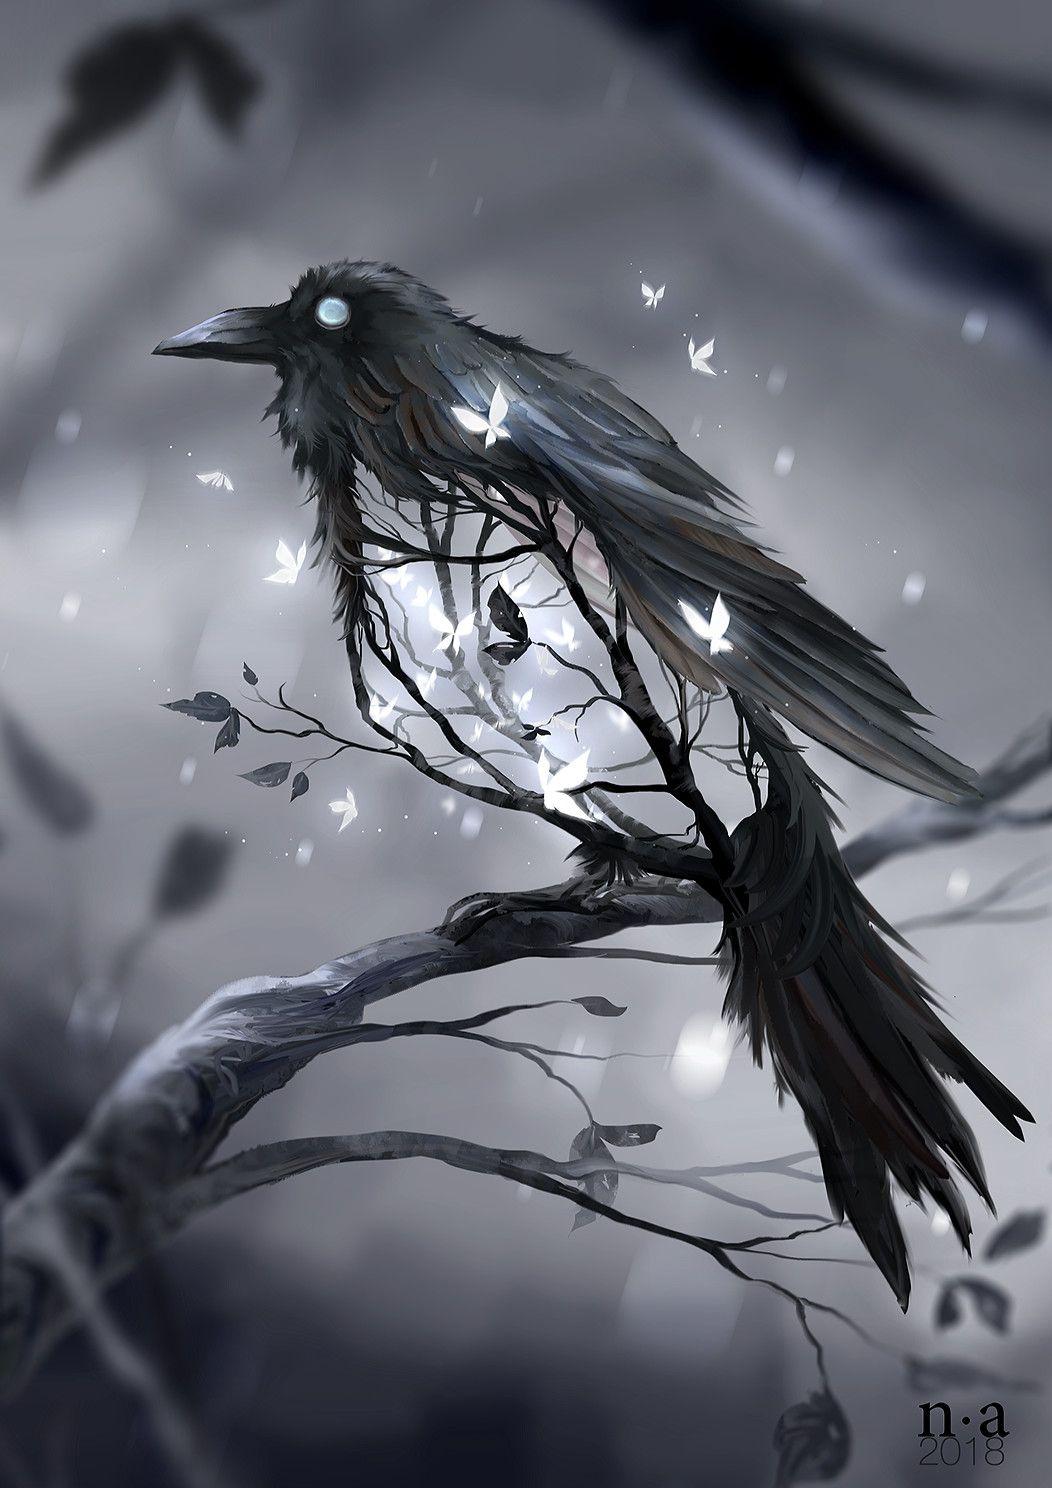 обученная картинки загадочных птиц освещенности ночью создает